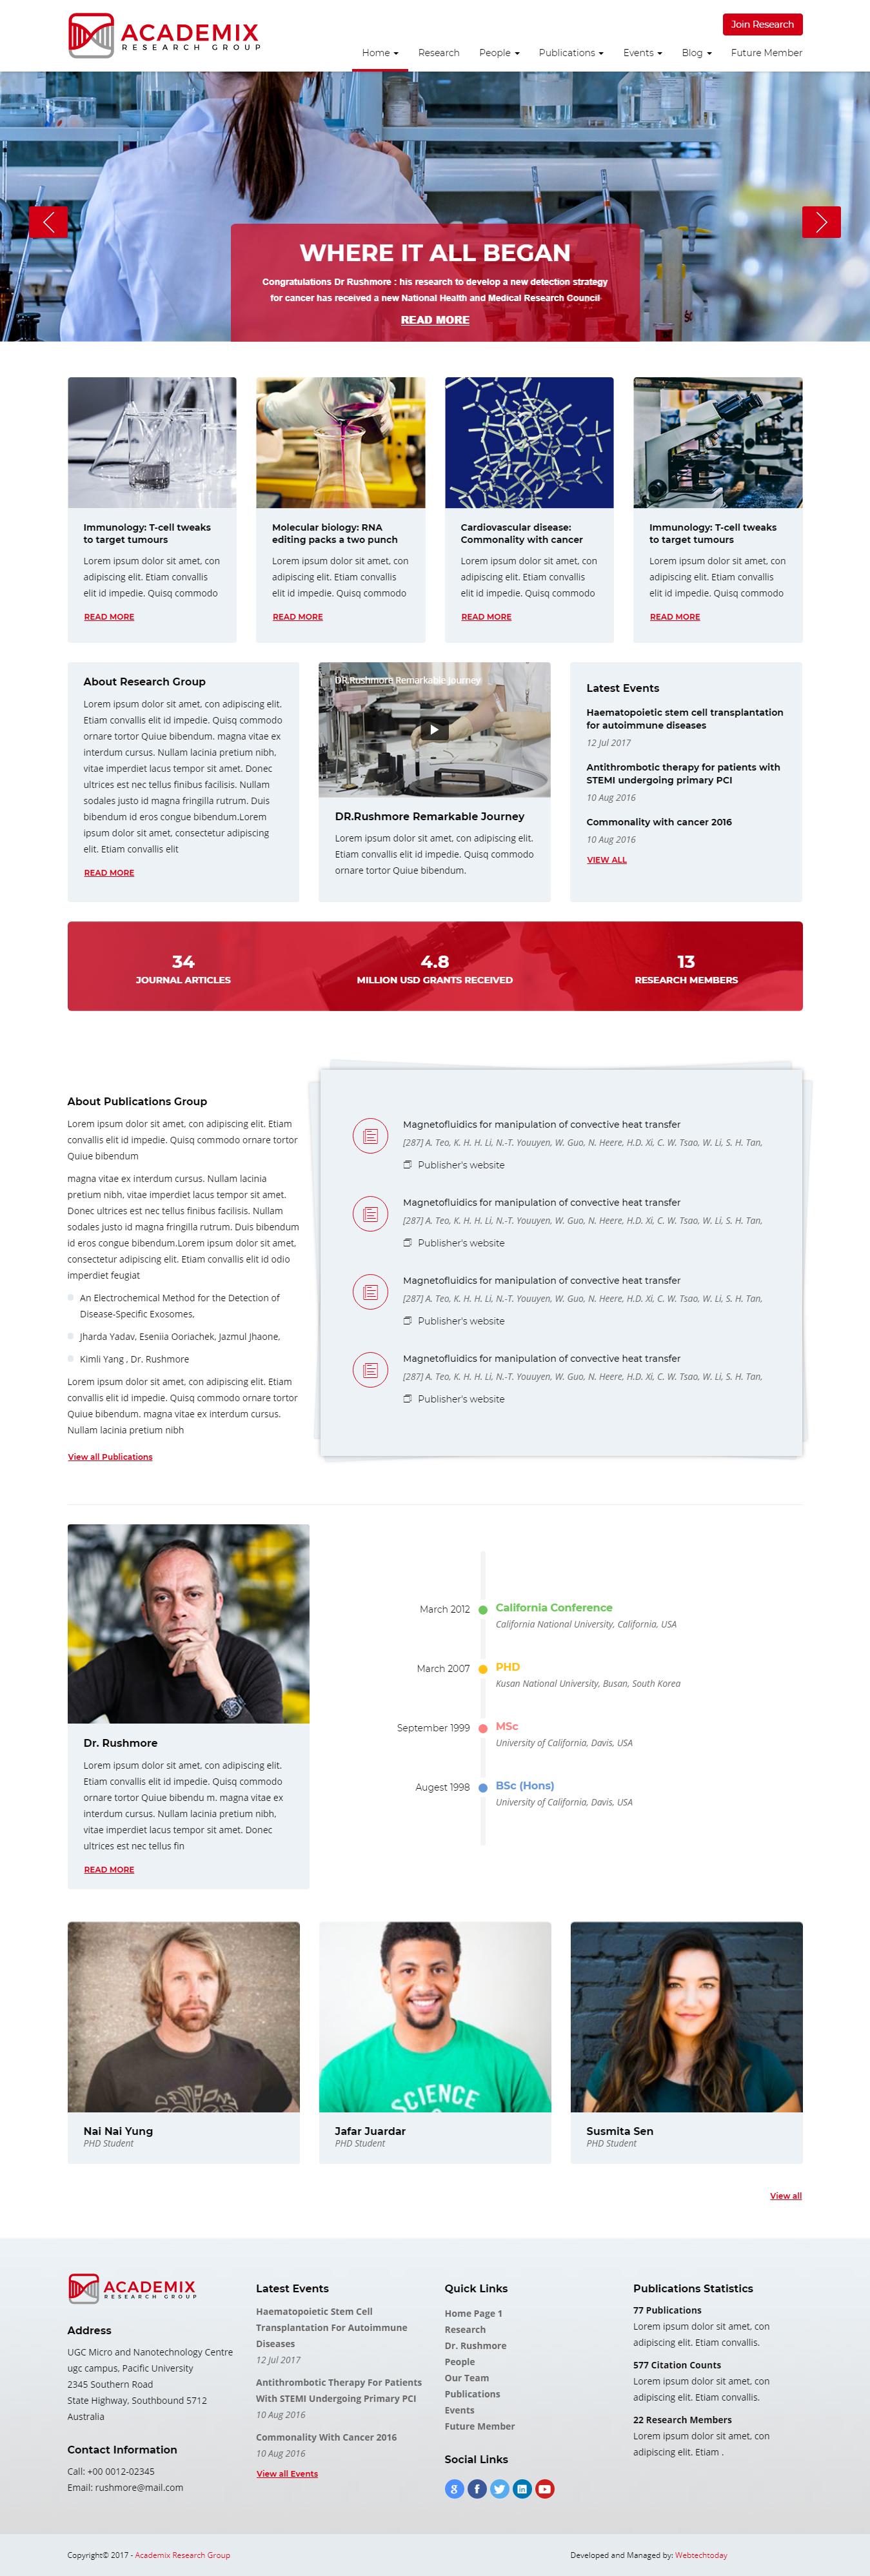 Academix - Best Premium Science WordPress Theme